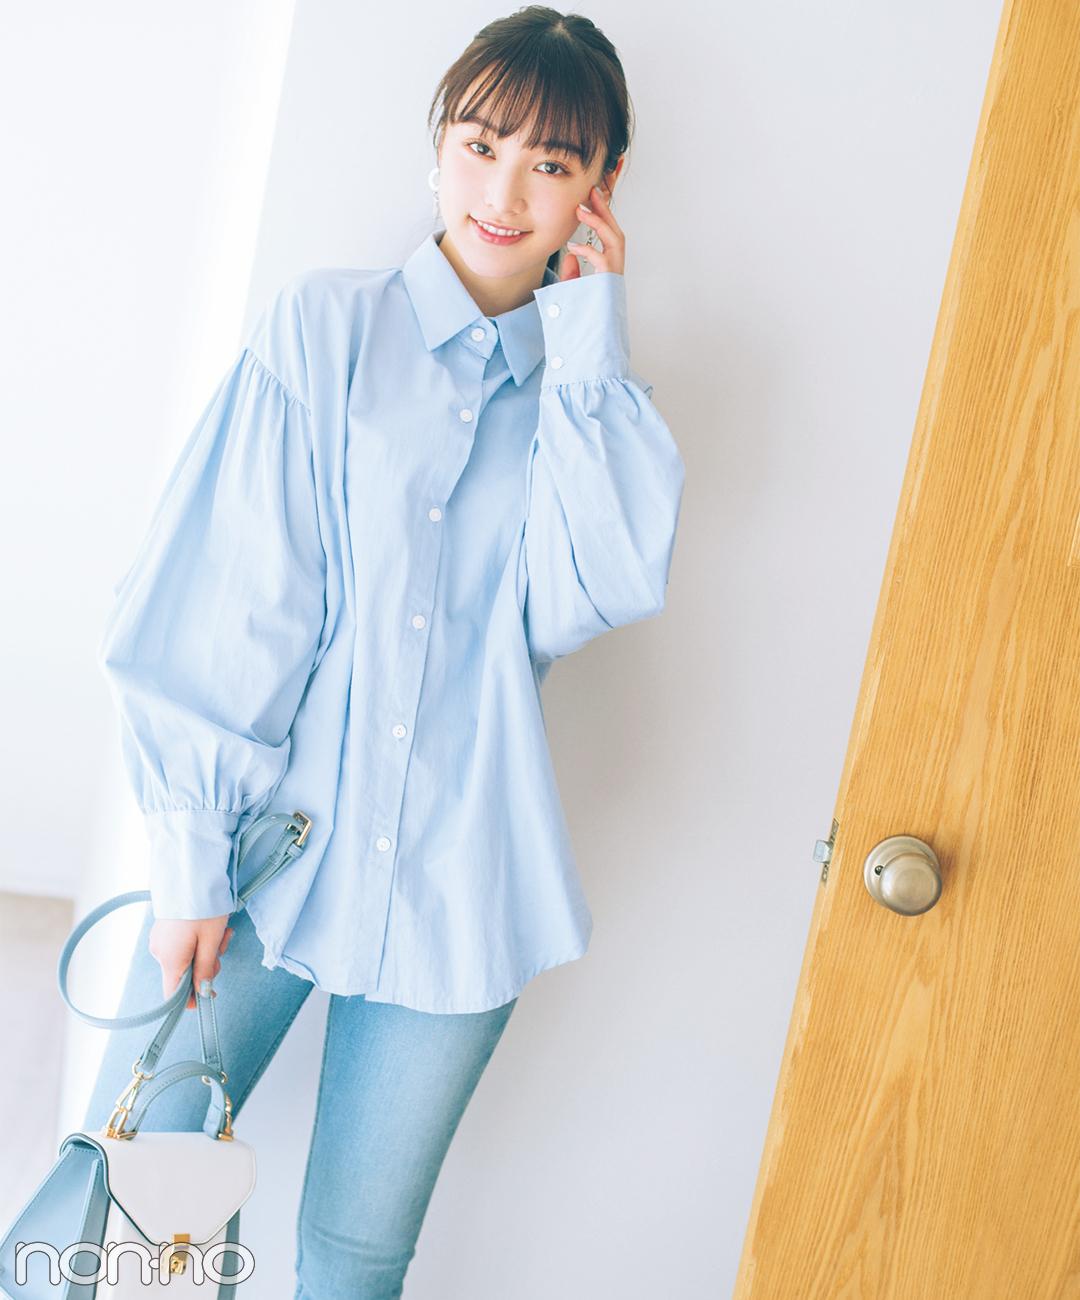 【デニムパンツきれいめコーデ】サックスブルーの大きめシャツは淡色デニムでワントーンに♪